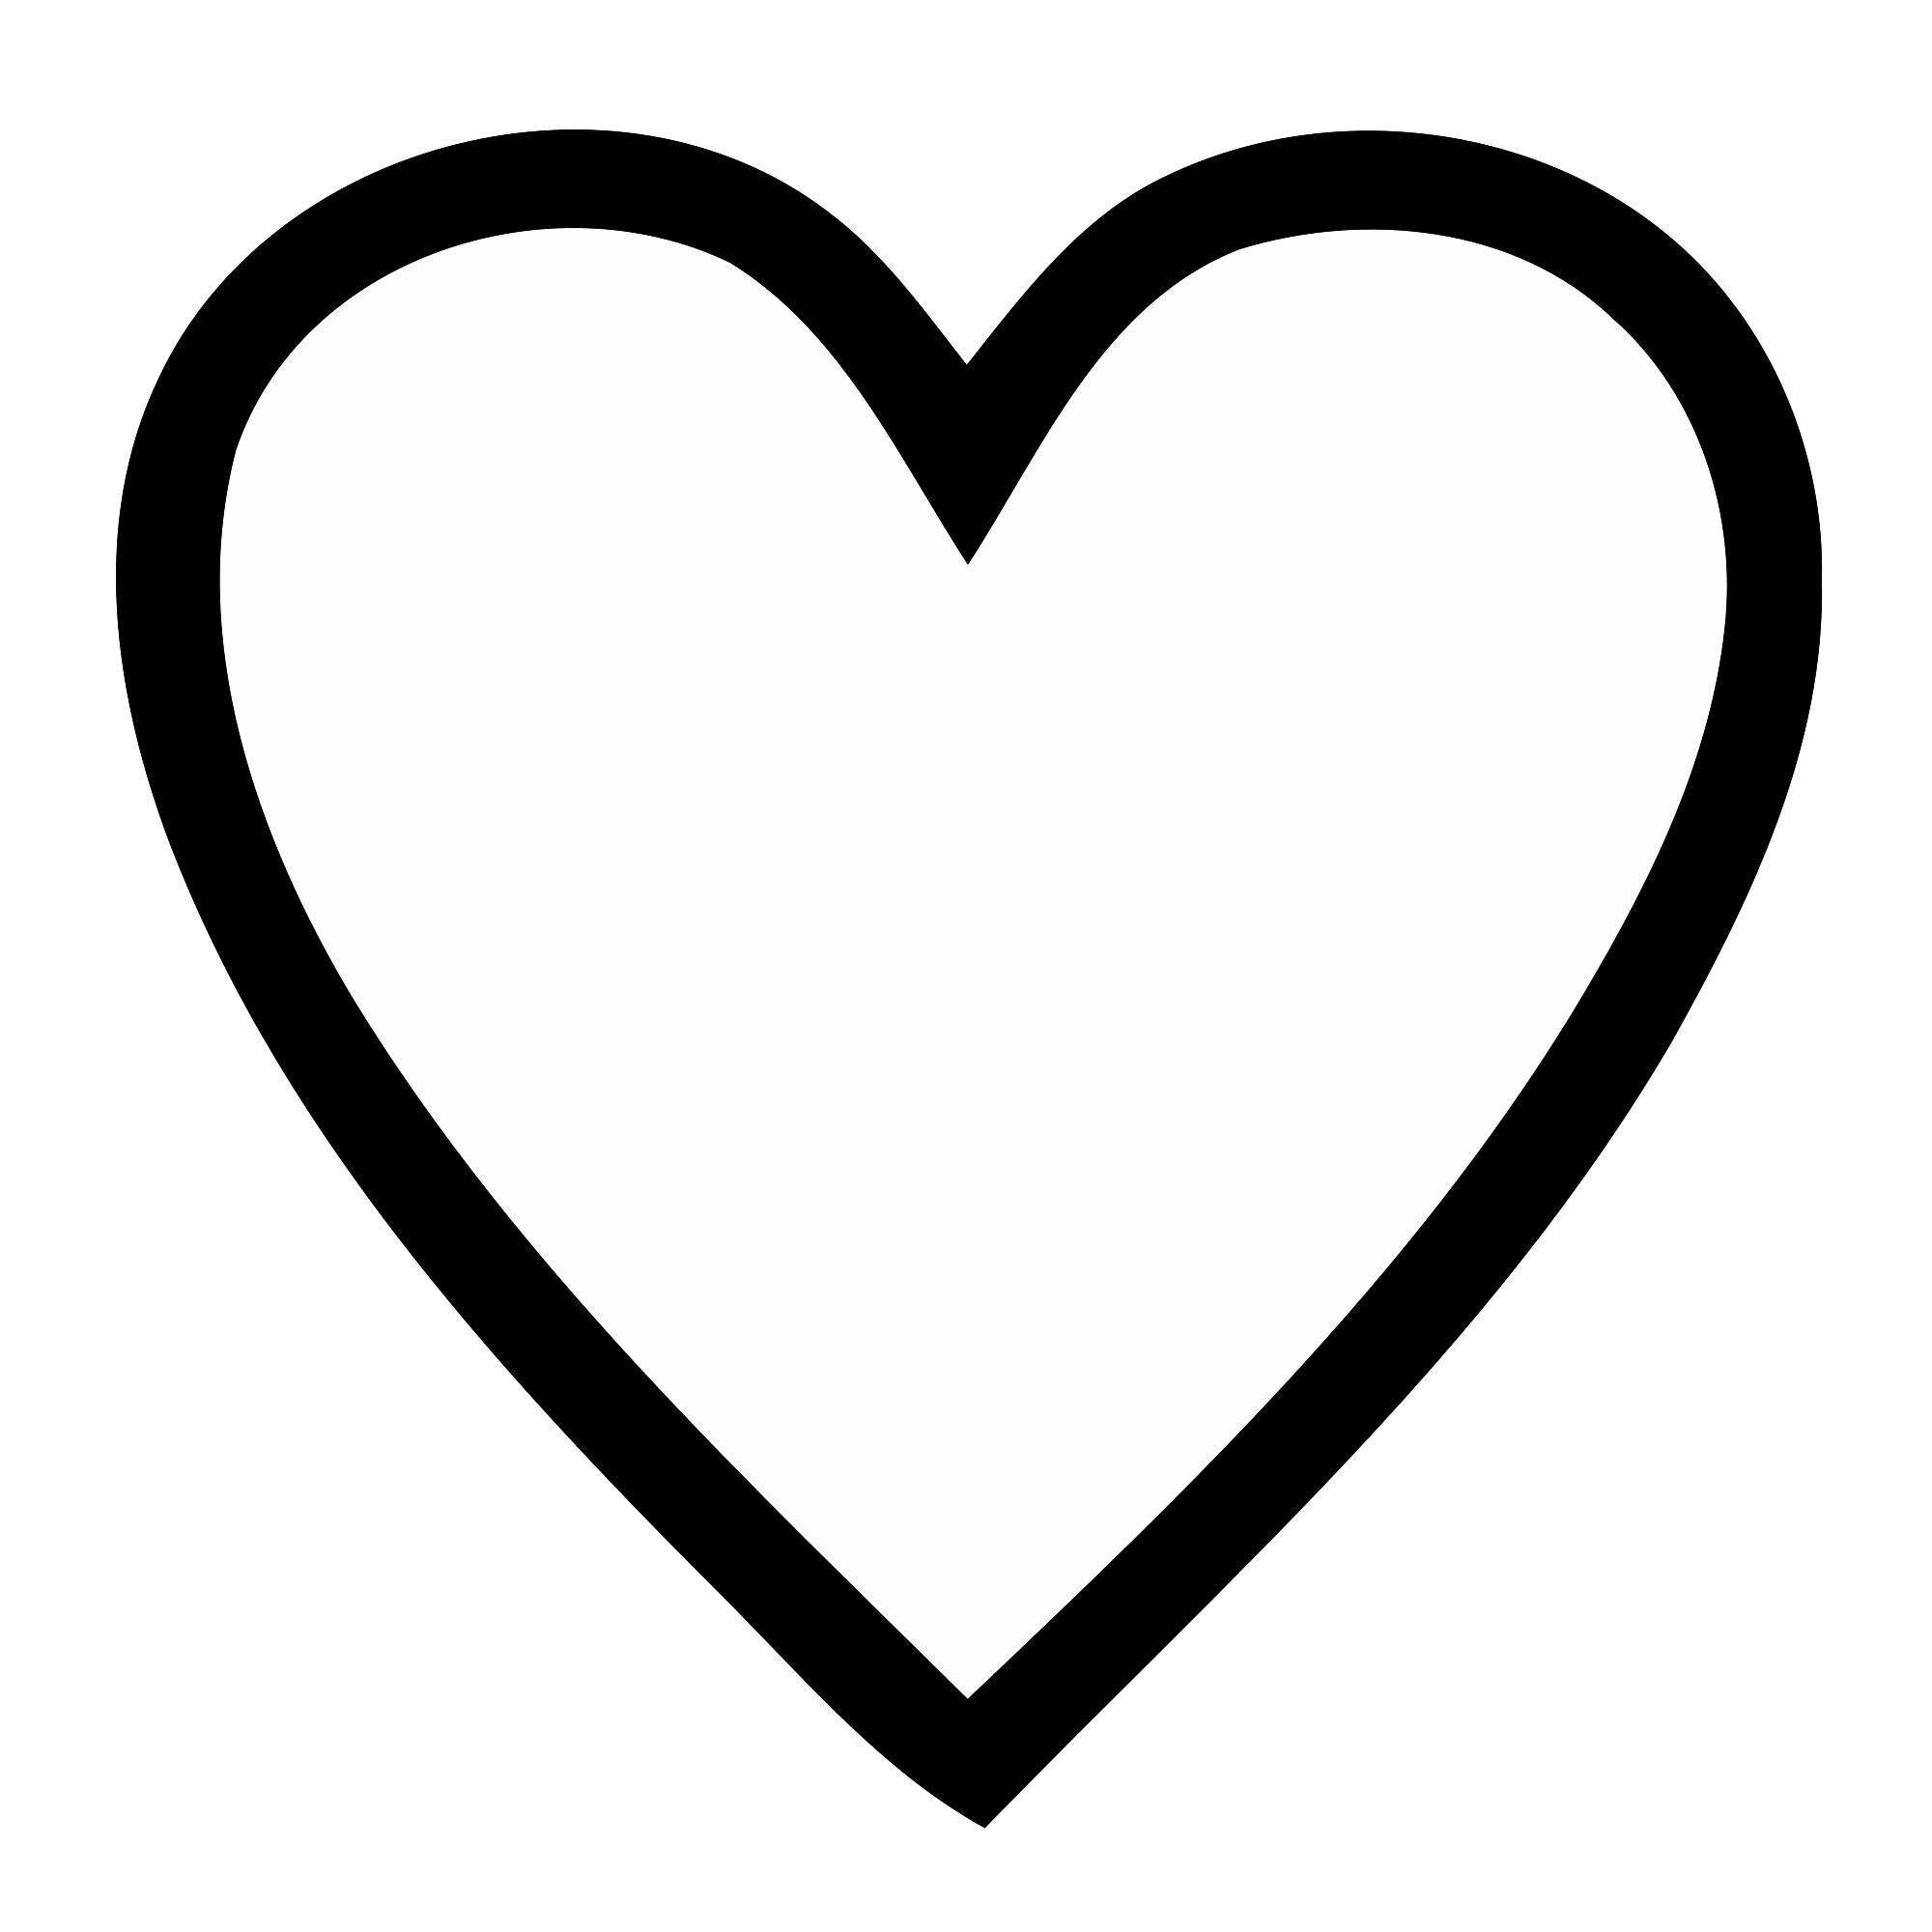 Black clipart transparent svg free download Heart Png Black Transparent svg free download